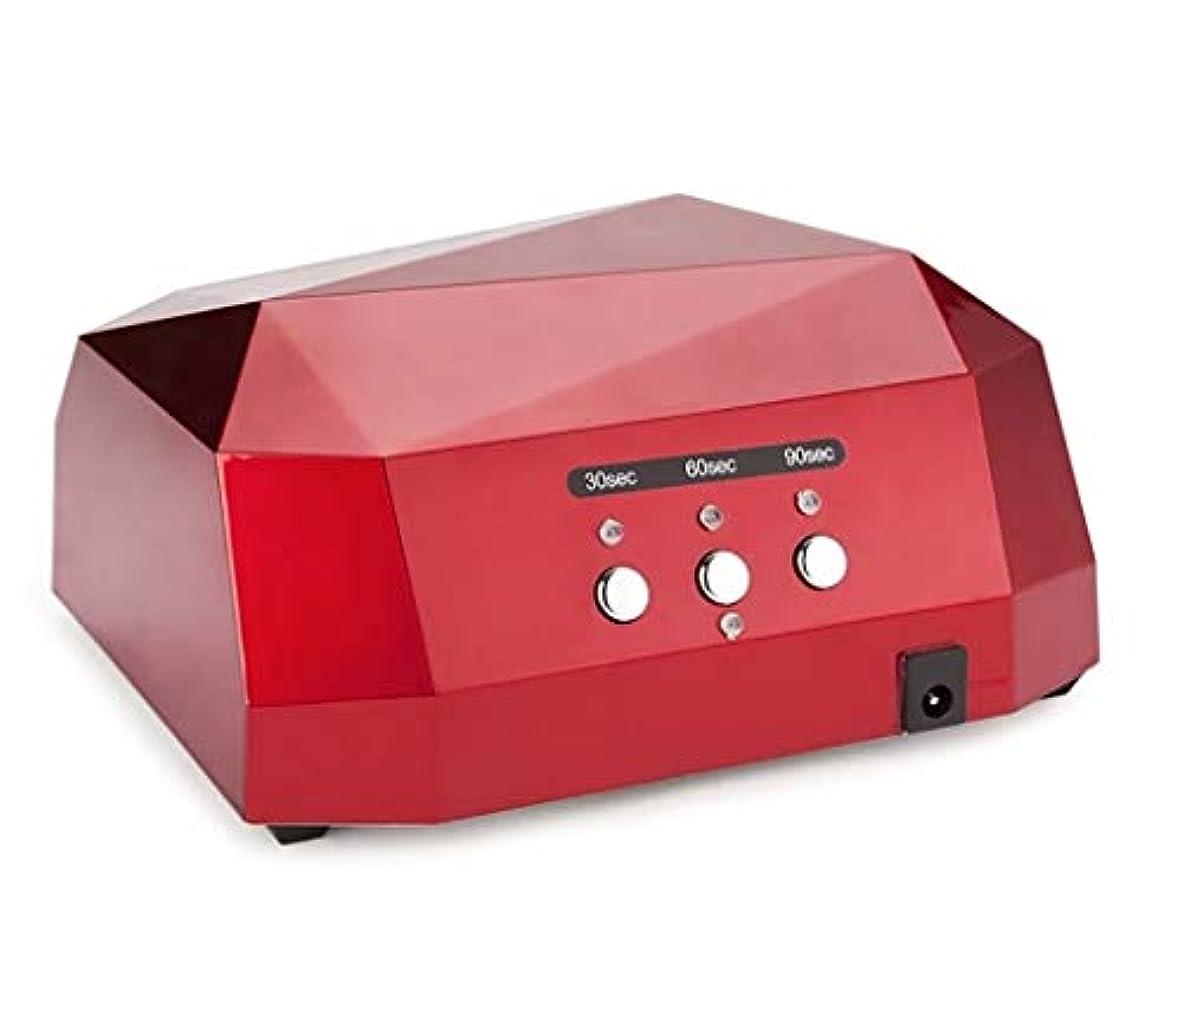 リスナー締める常識LED36W理性的な誘導は乾燥の釘機械、30s / 60s / 90sタイマーの設定を導きました (色 : D)